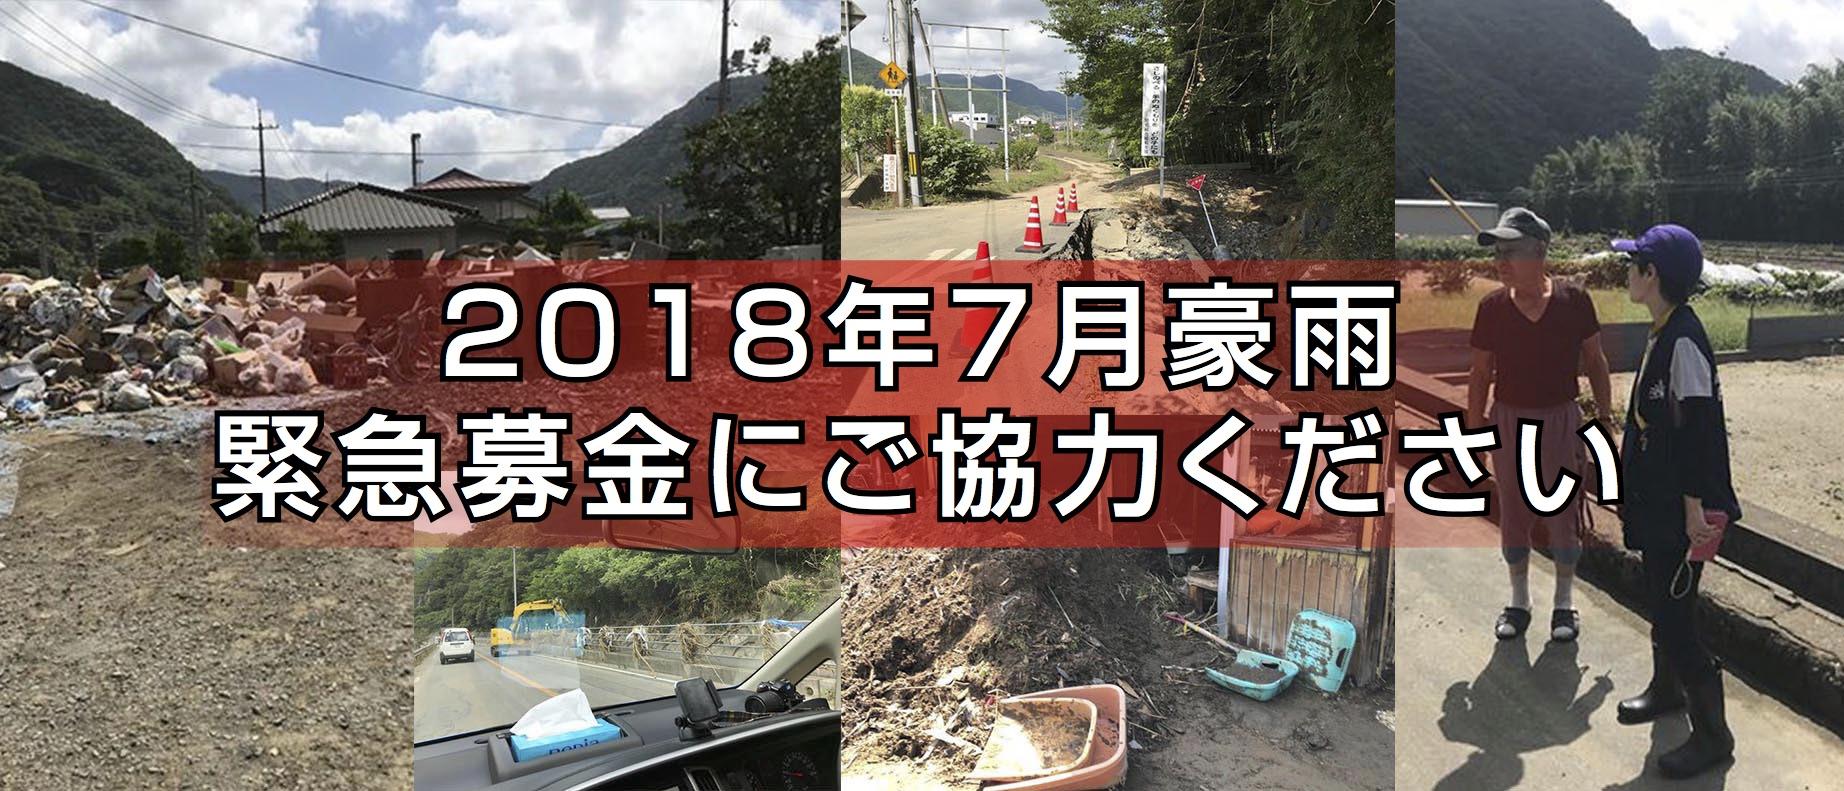 2018年7月豪雨緊急募金にご協力ください